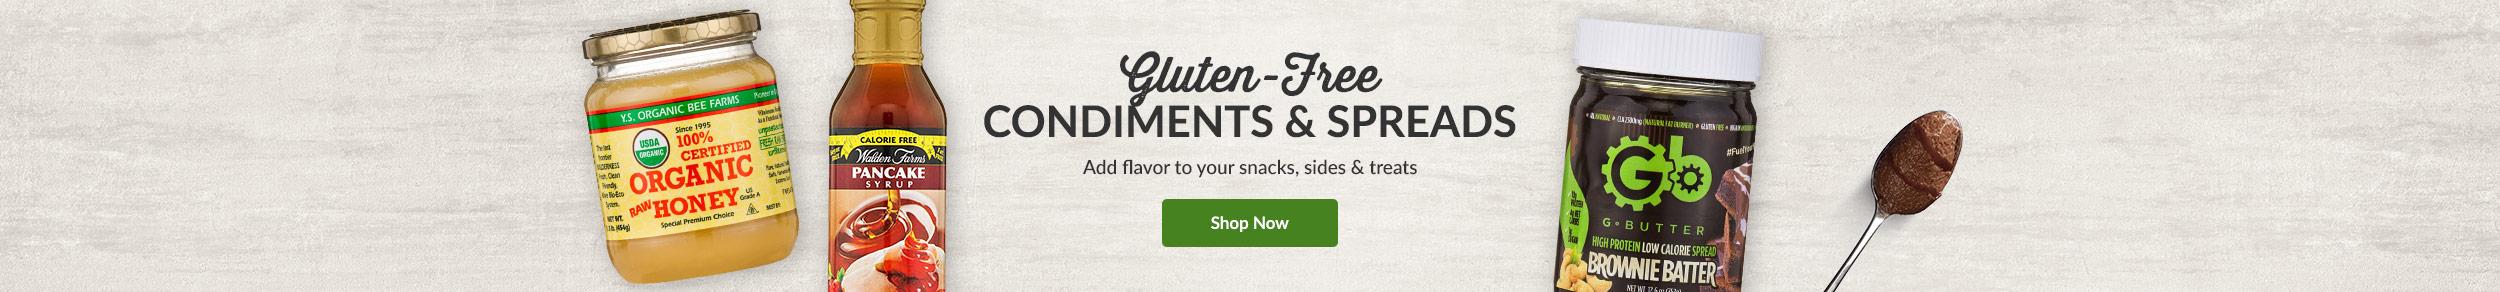 https://i3.pureformulas.net/images/static/Gluten-Free-Spreads_slide3_062518.jpg